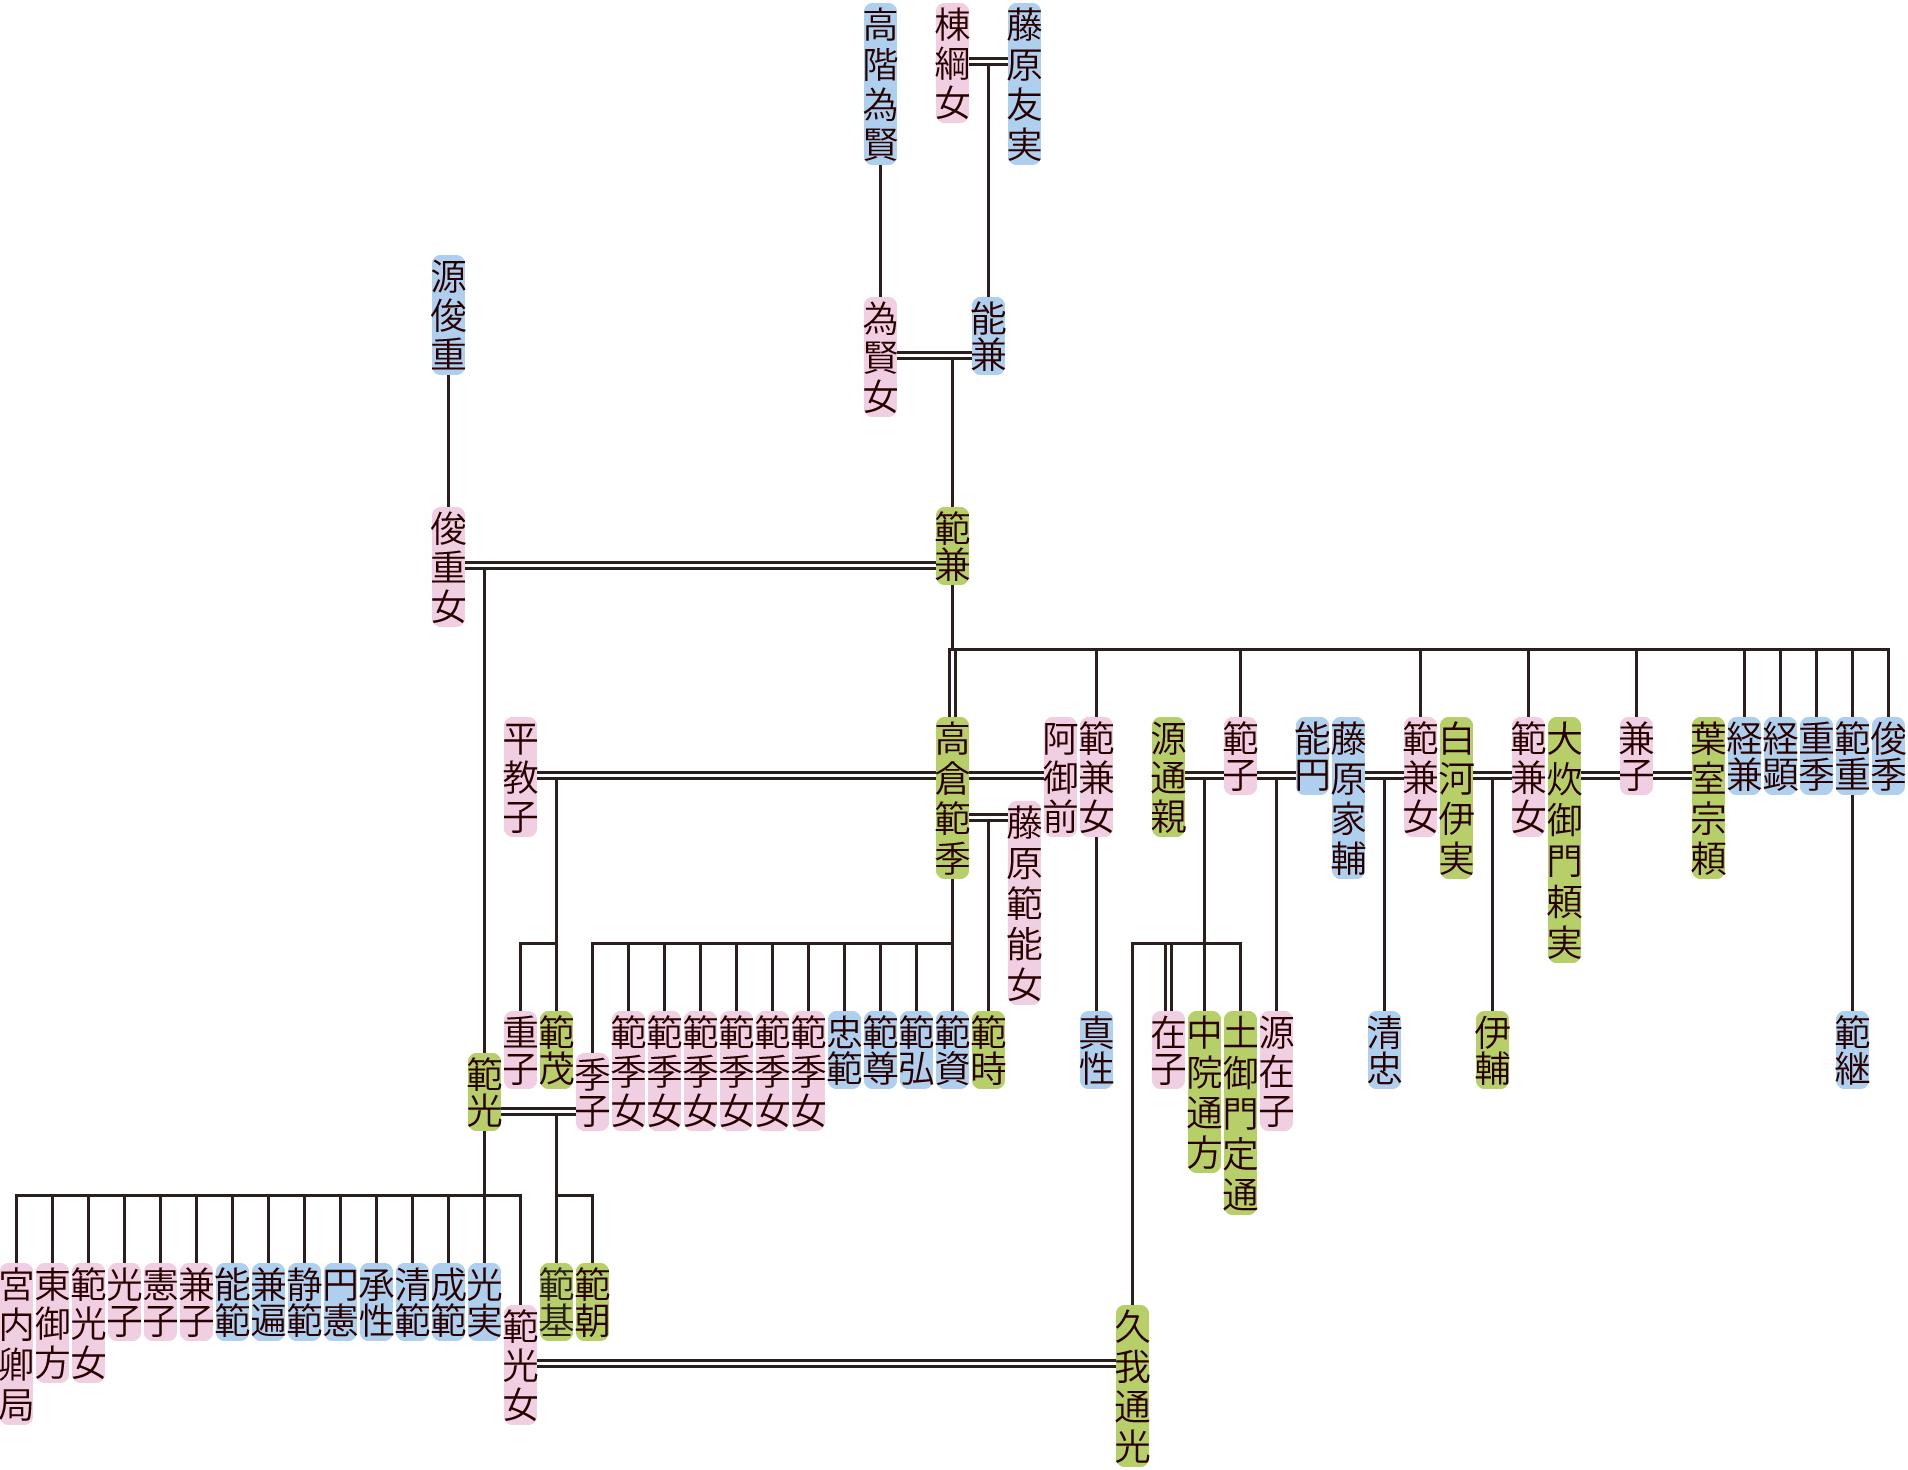 藤原範兼の系図